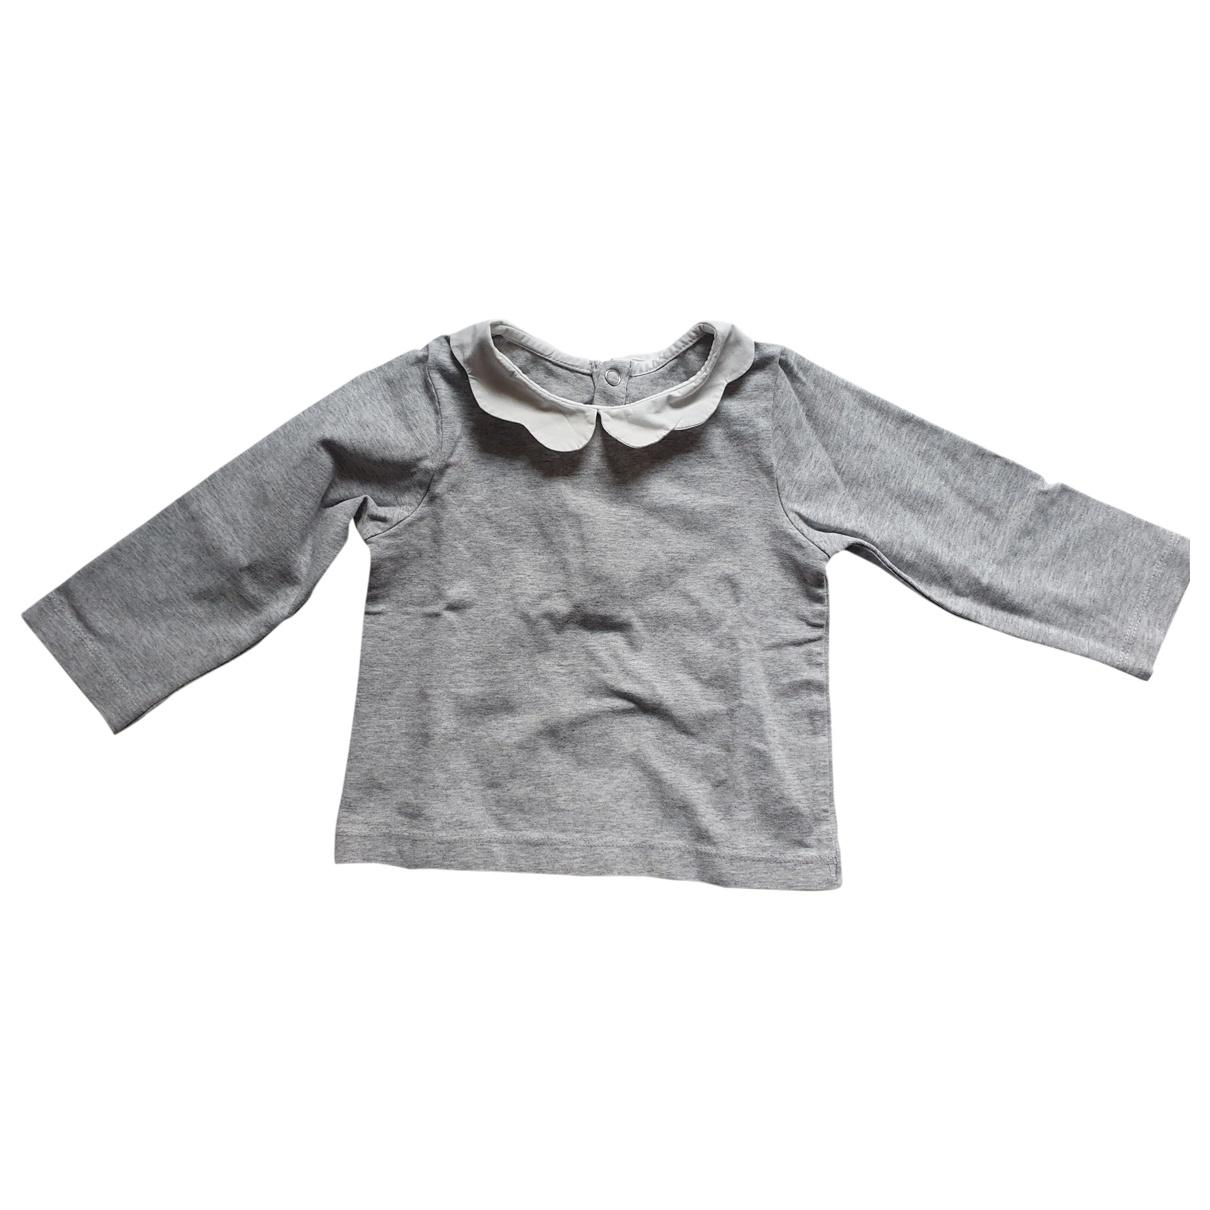 Jacadi \N Oberteile in  Grau Baumwolle